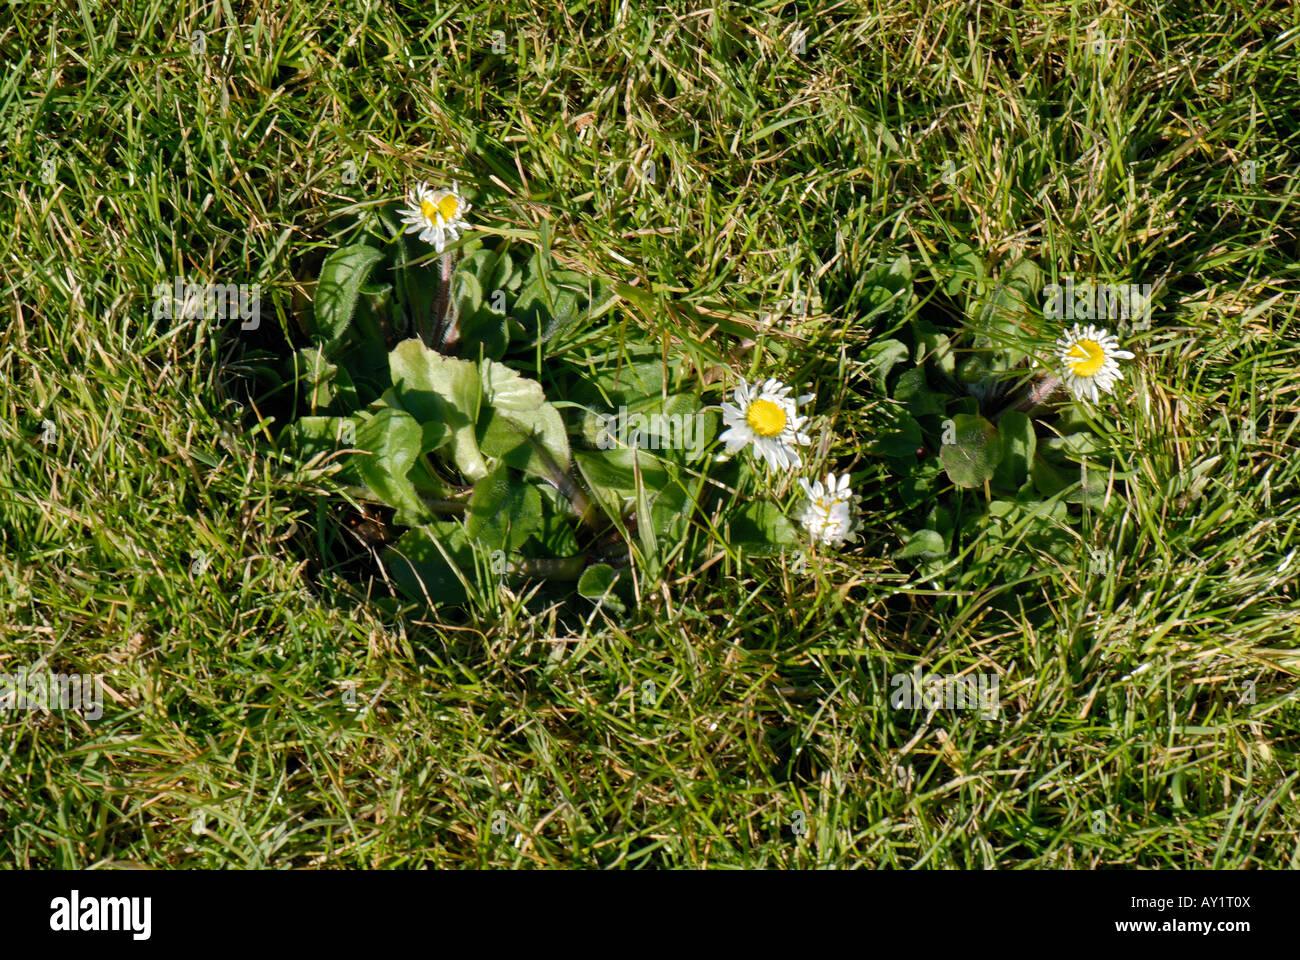 Bellis perennis daisy fleurs dans un jardin pelouse Photo Stock